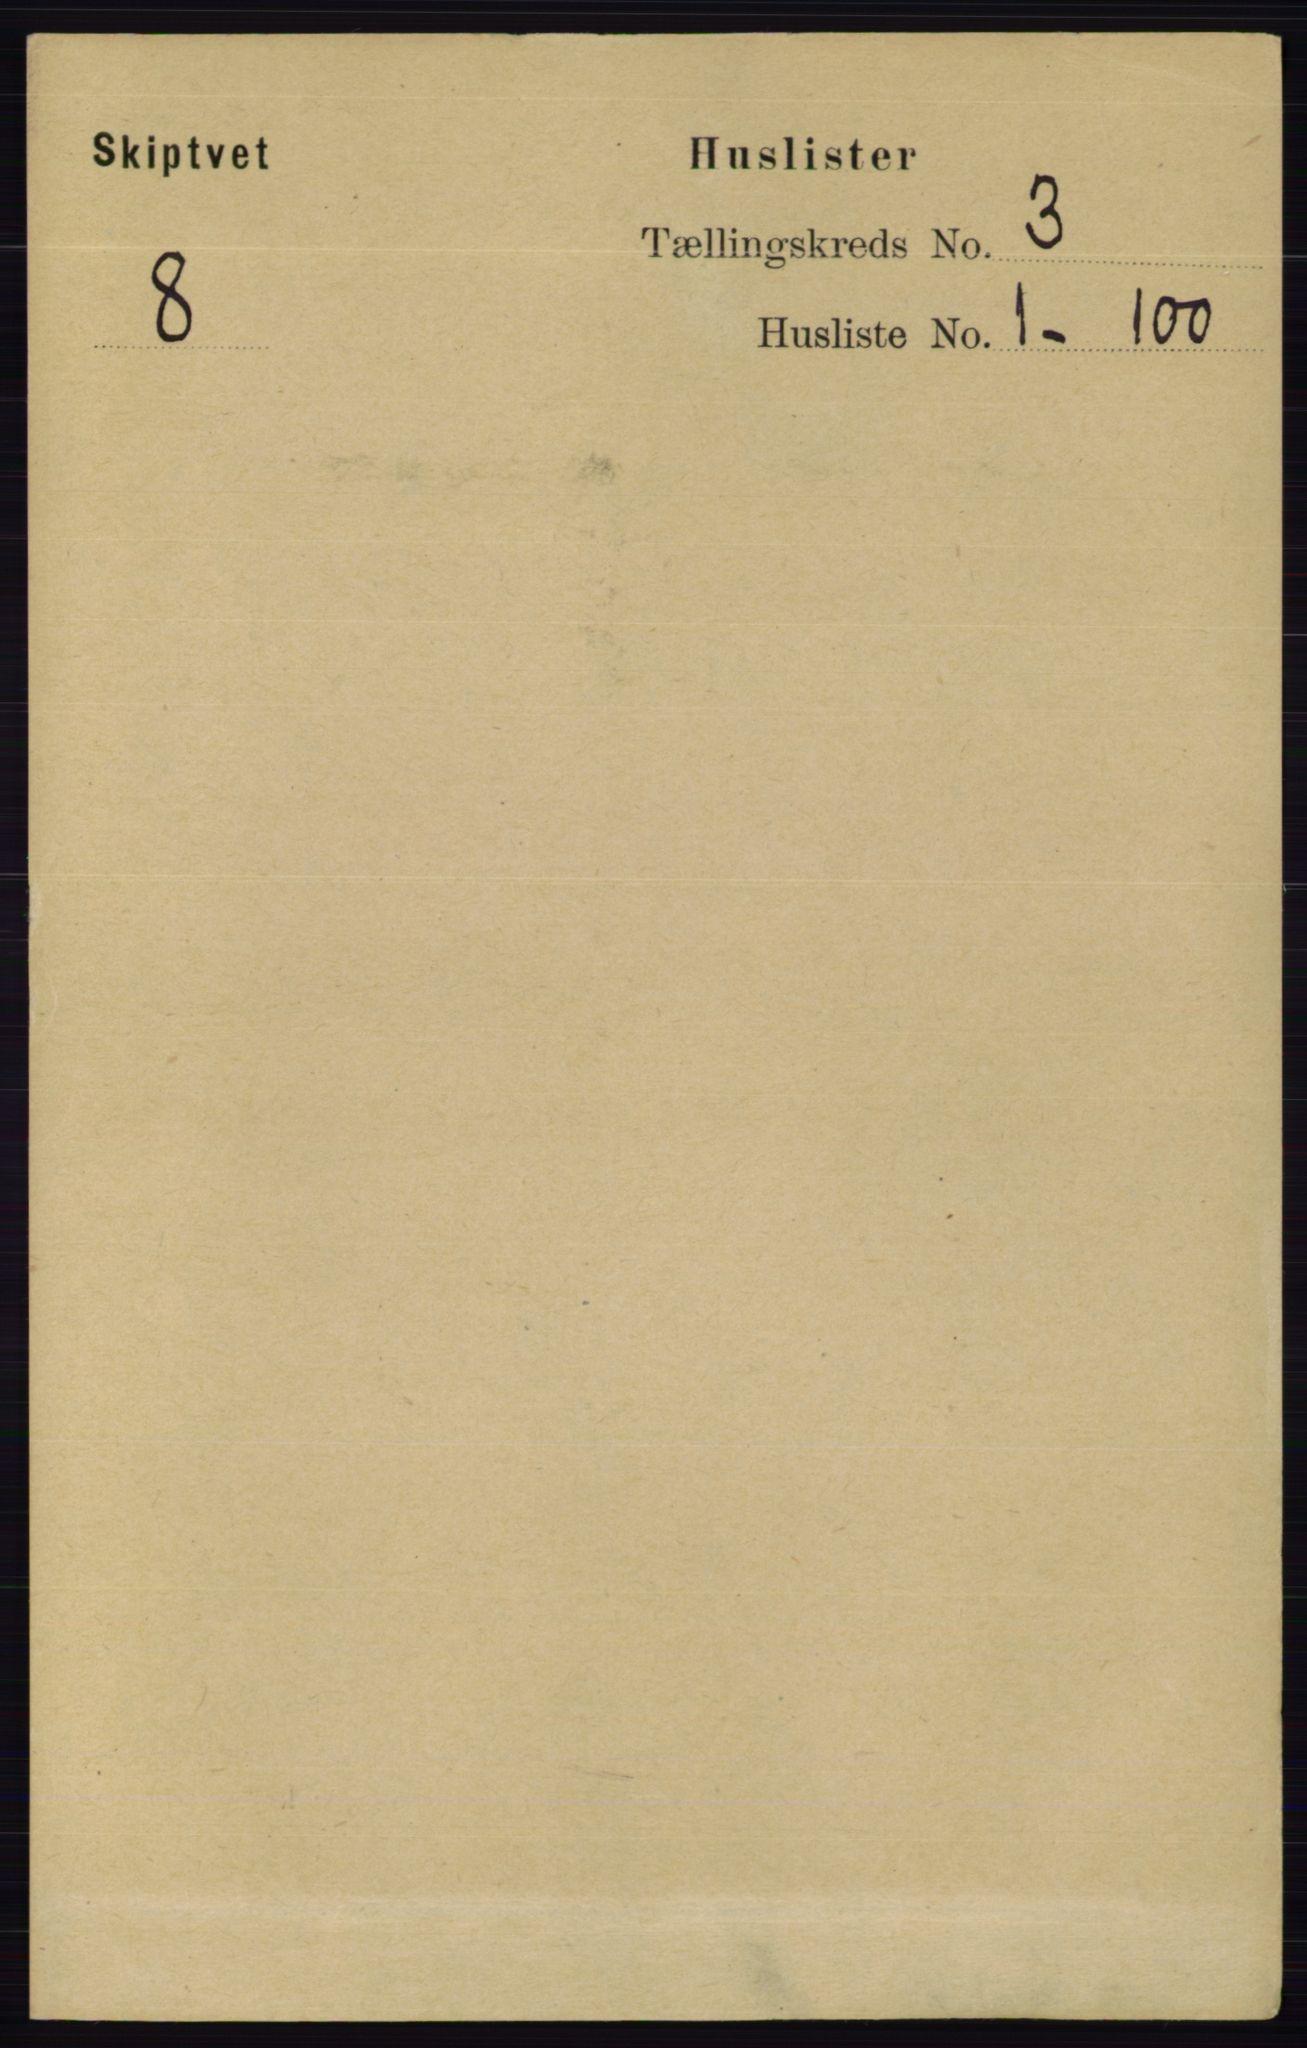 RA, Folketelling 1891 for 0127 Skiptvet herred, 1891, s. 1130